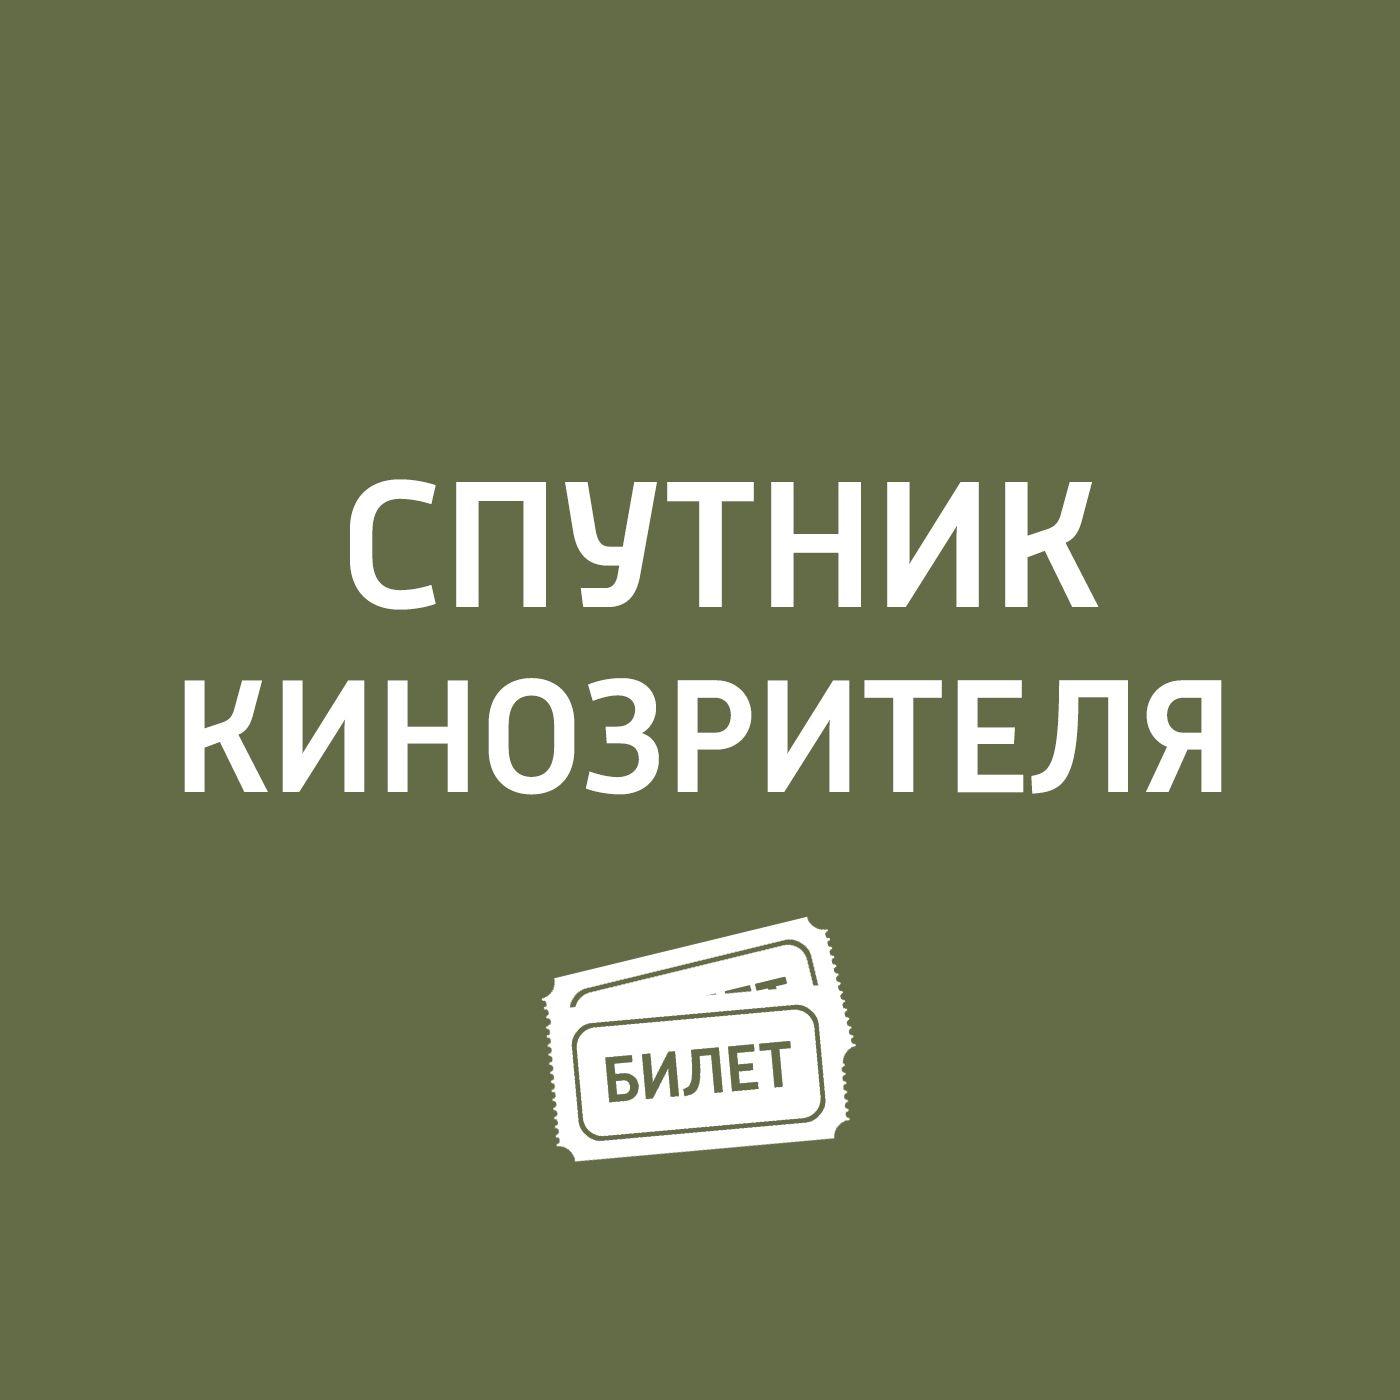 Антон Долин Как приручить дракона 3, Власть антон долин эпик мальчишник часть 3